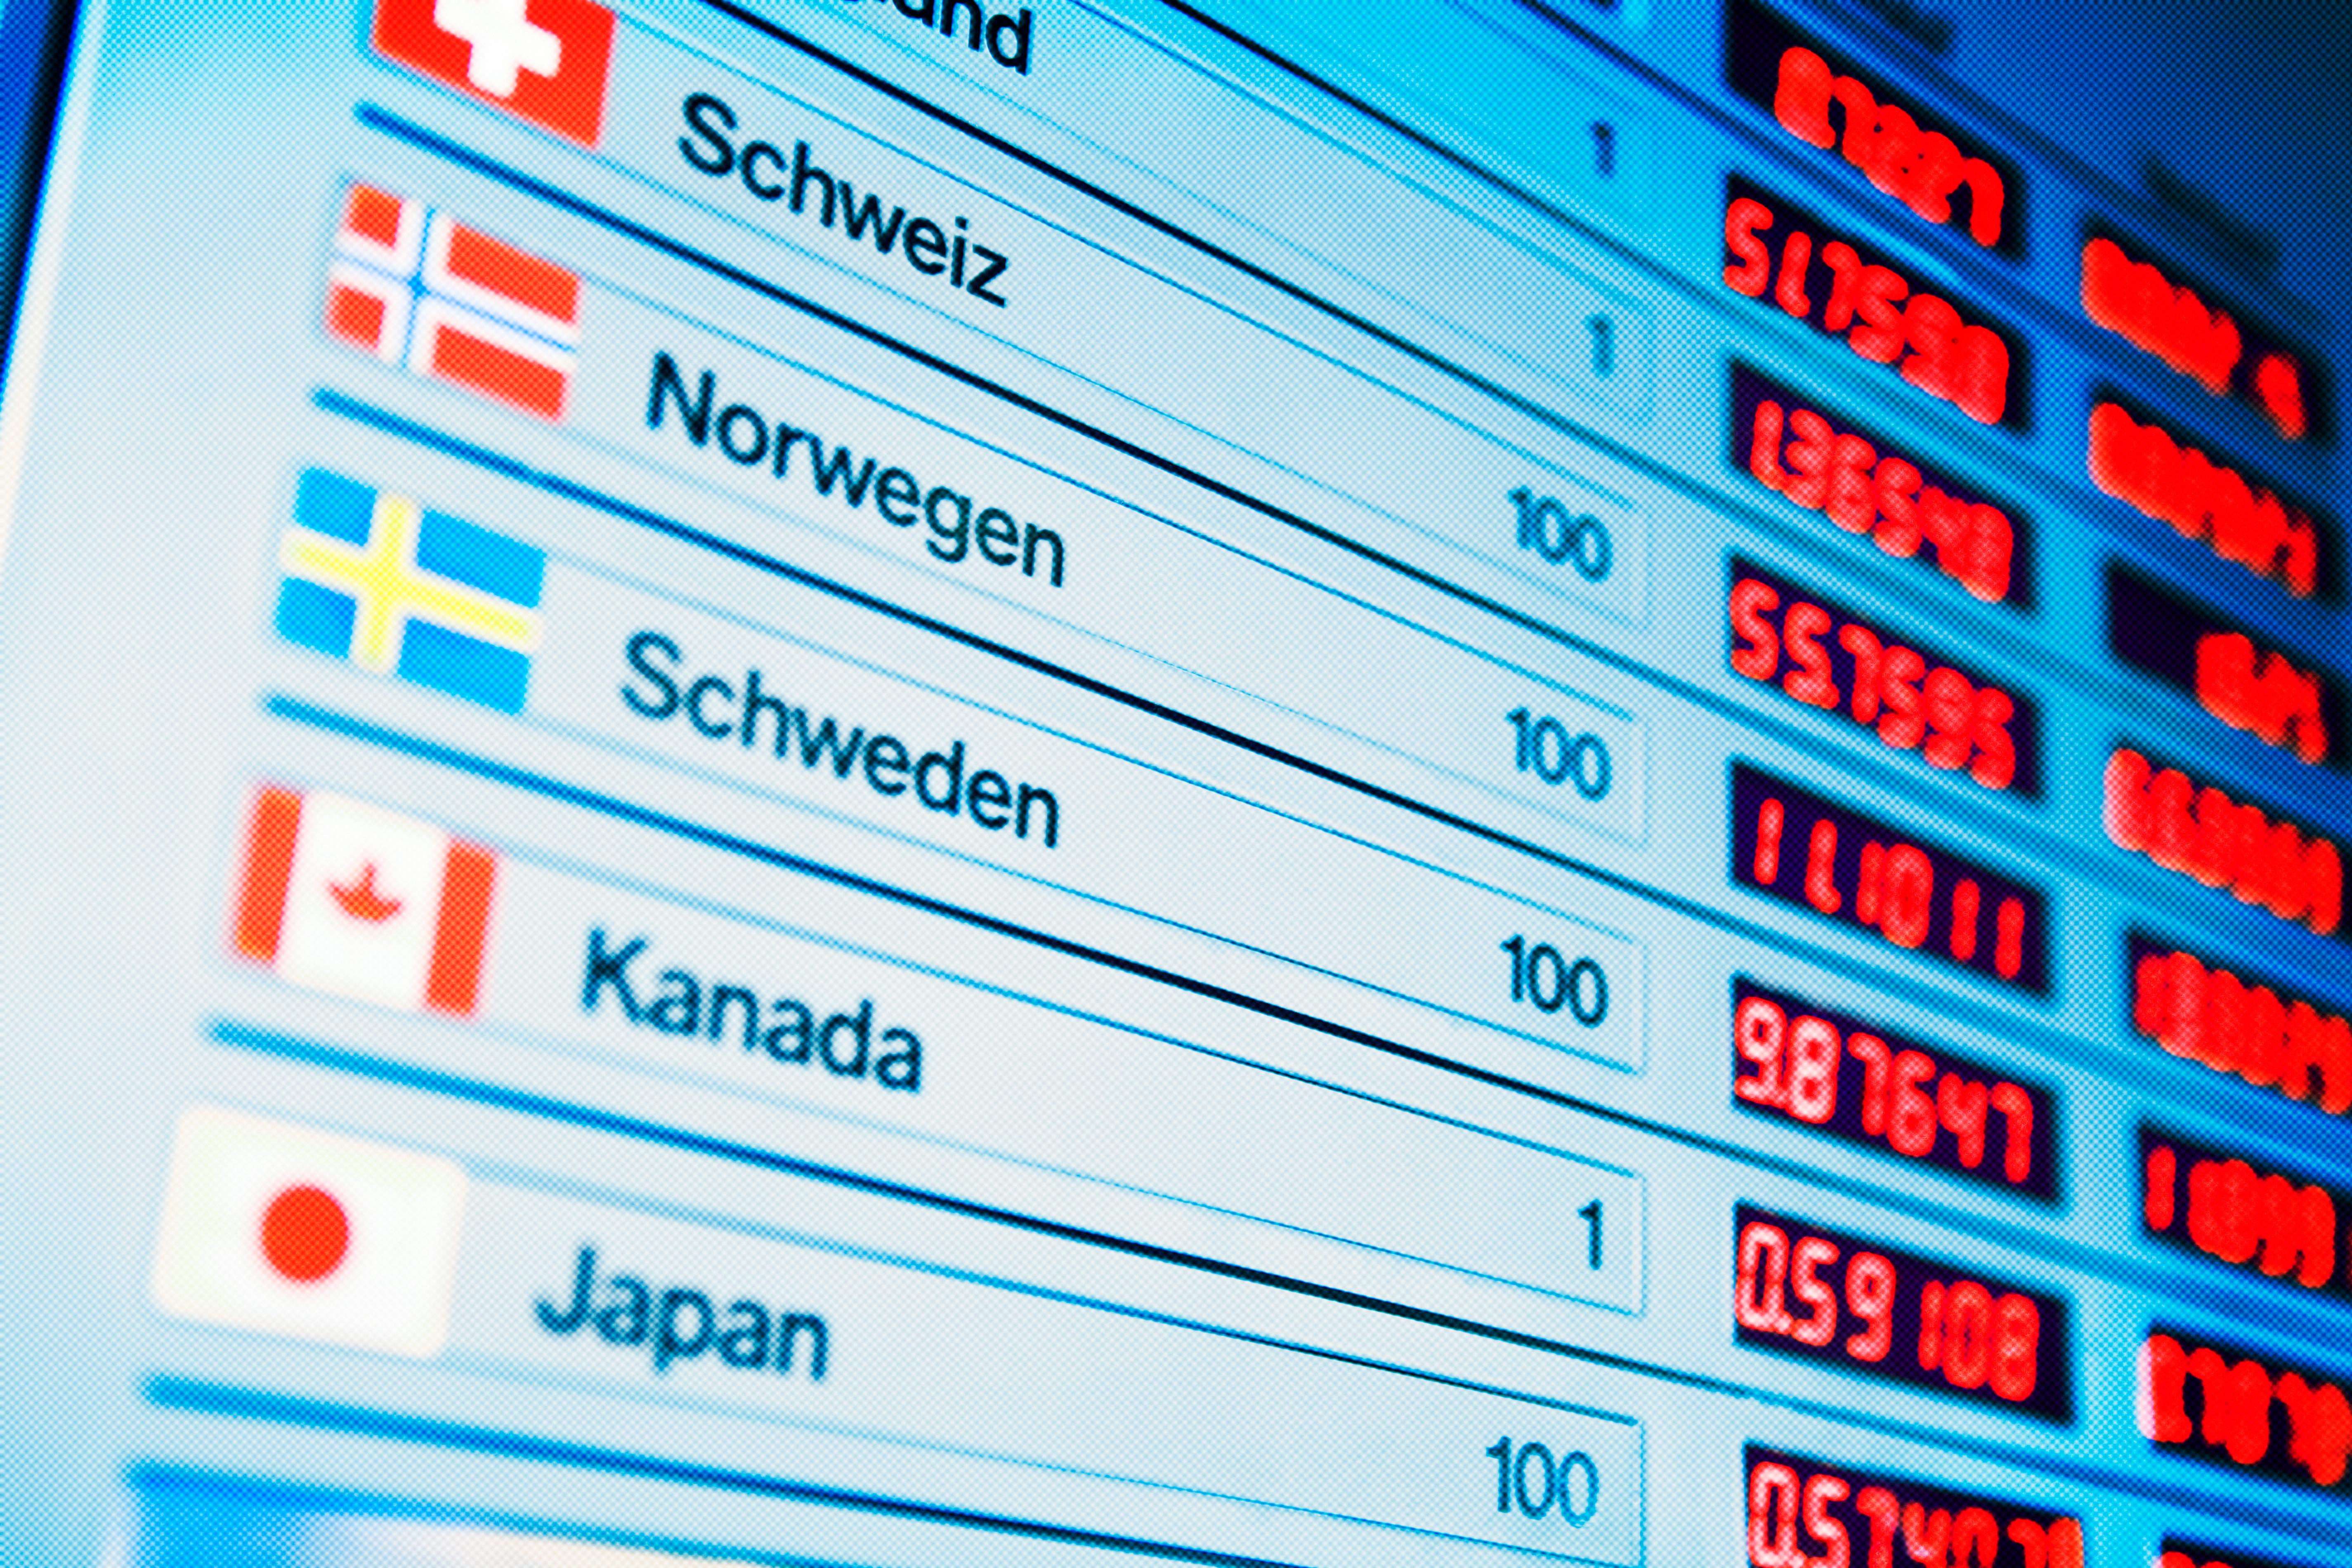 英鎊/日元、歐元/日元、紐元/日元、瑞郎/日元、加元/日元、歐元/土耳其里拉走勢分析